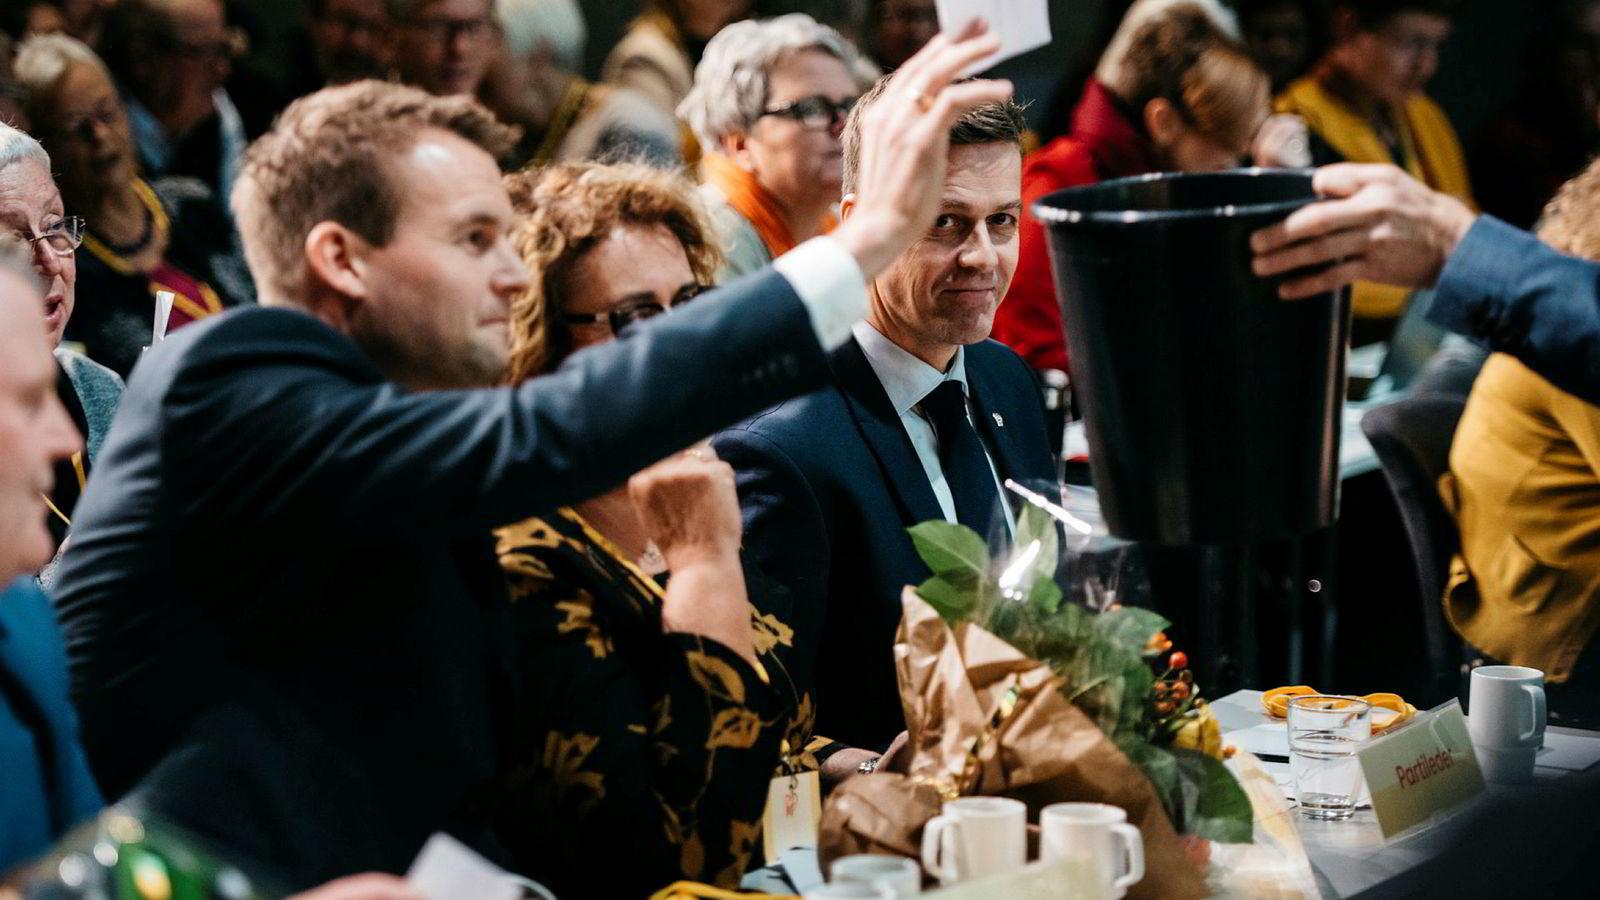 Kjell Ingolf Ropstad avlegger sin stemme om partiets fremtid. Mellom ham og partileder Knut Arild Hareide sitter Olaug Bollestad.